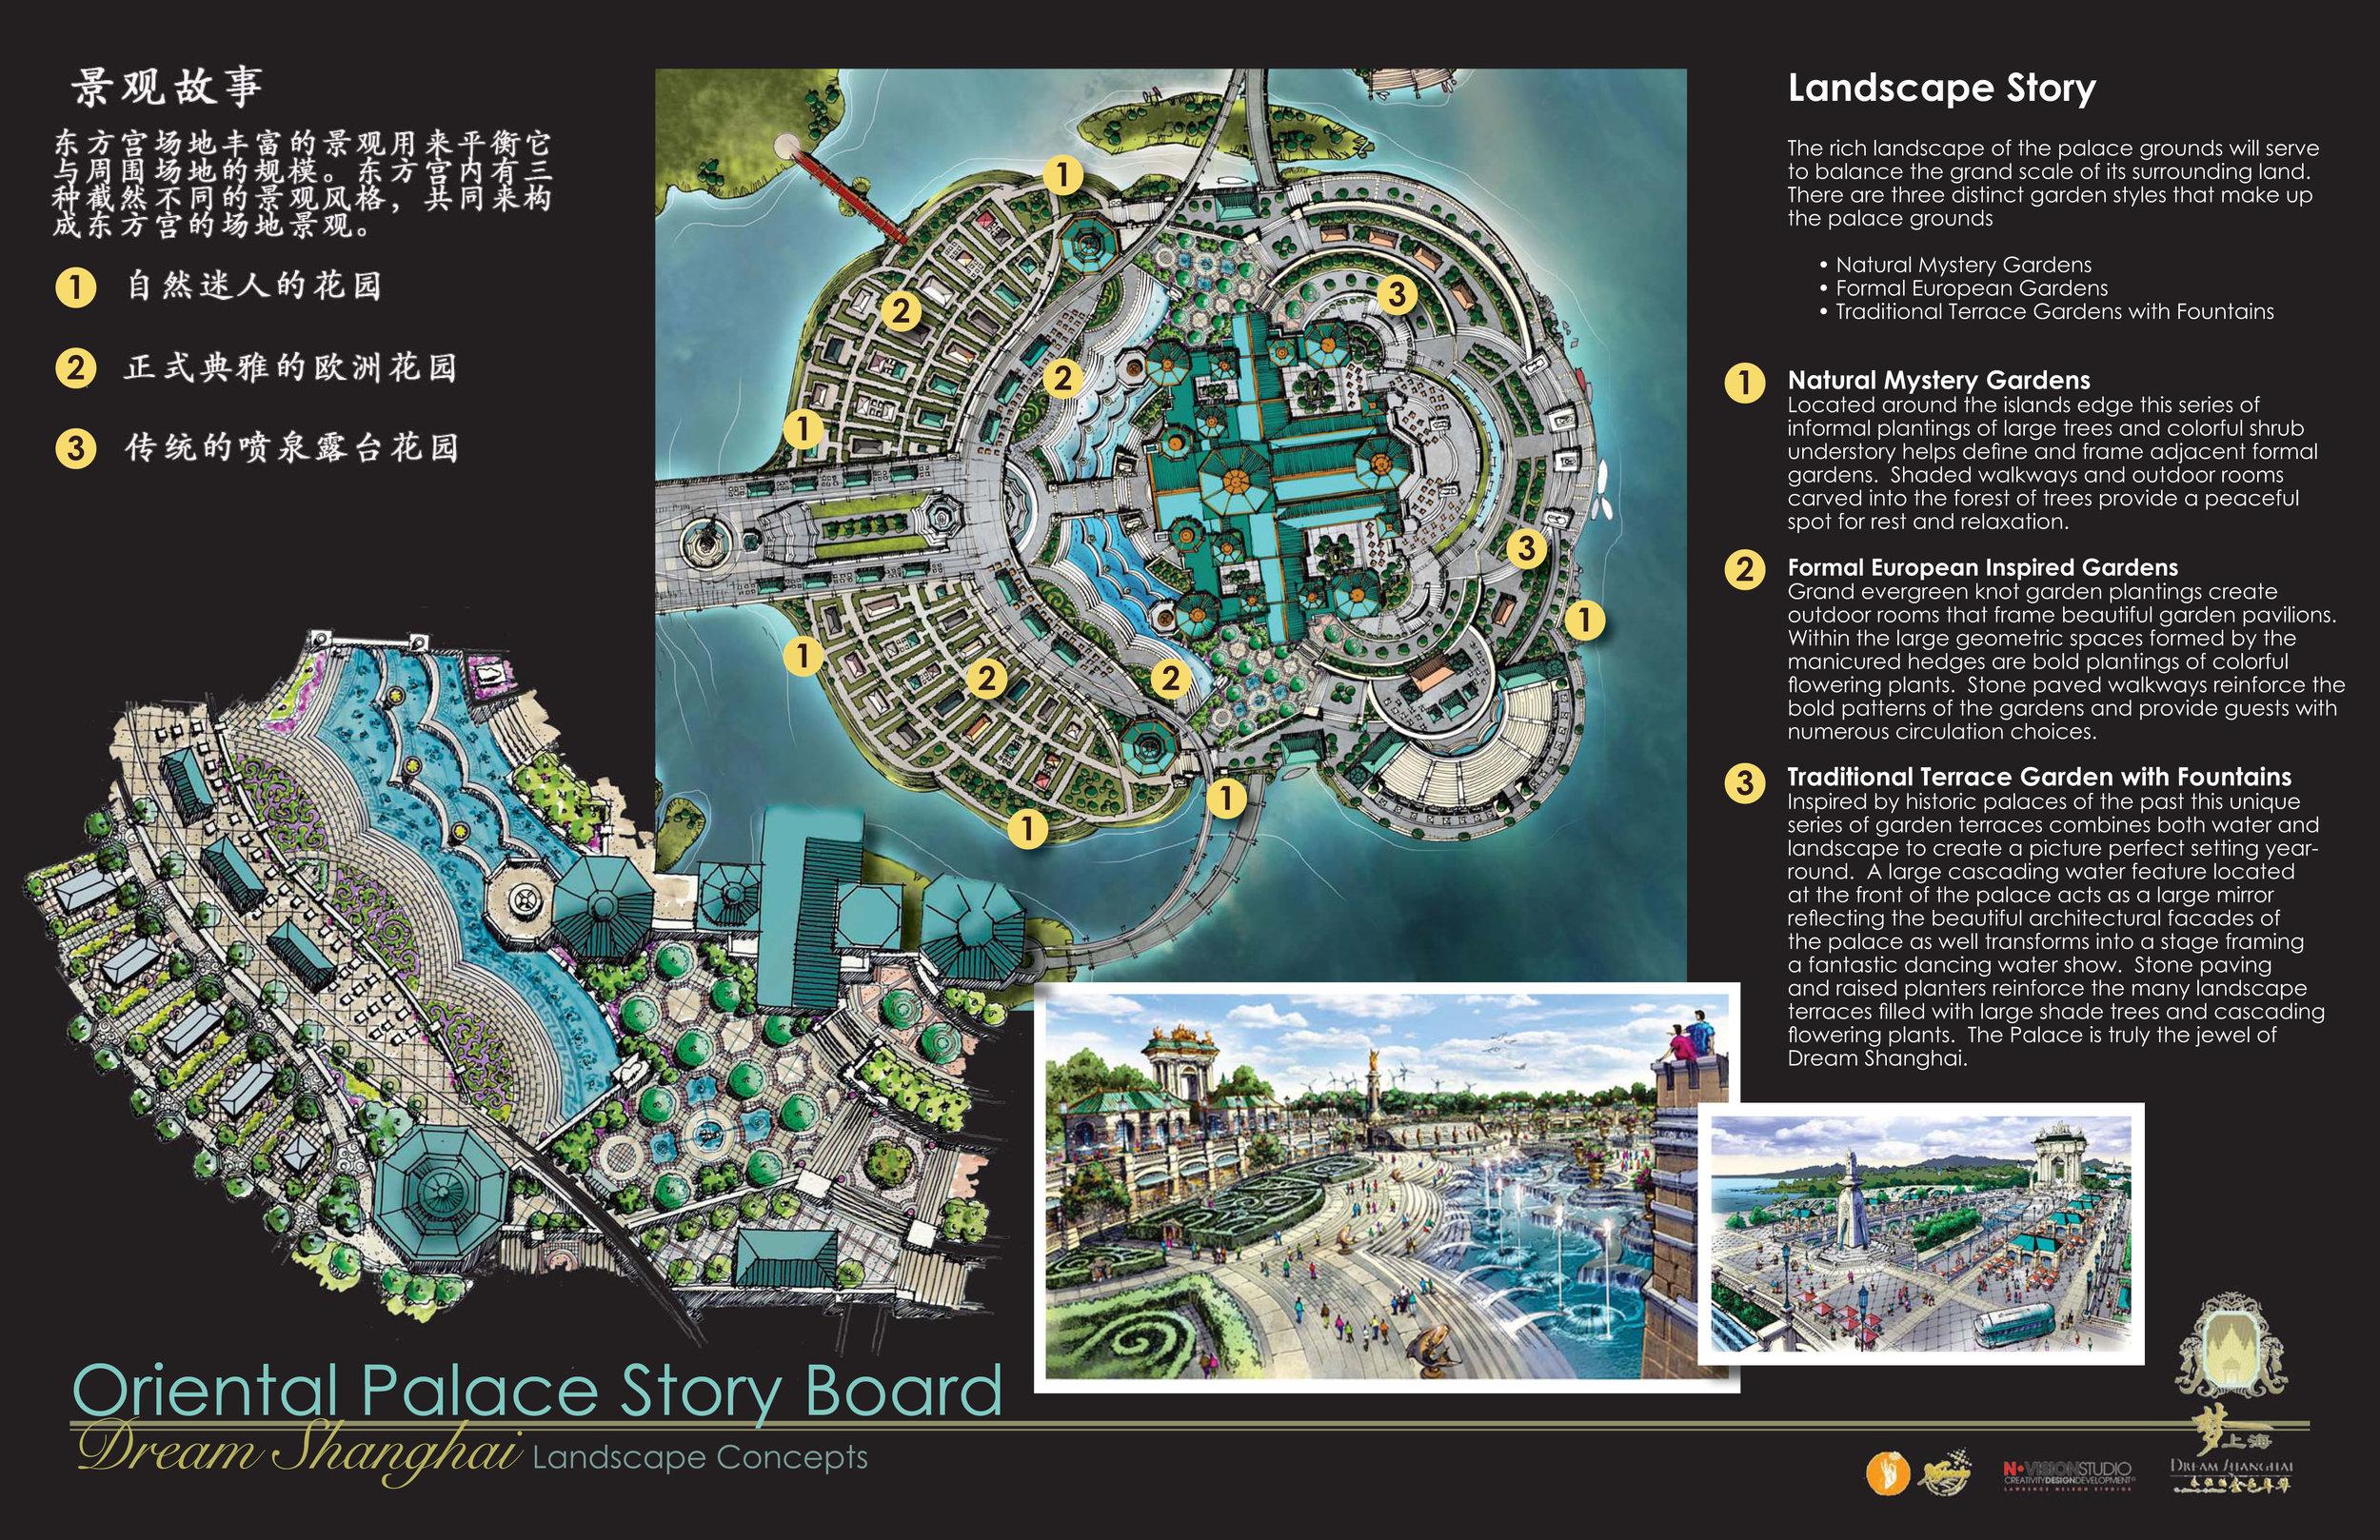 DS-LandscapeConcepts-2012-05-01-FINAL-3.jpg